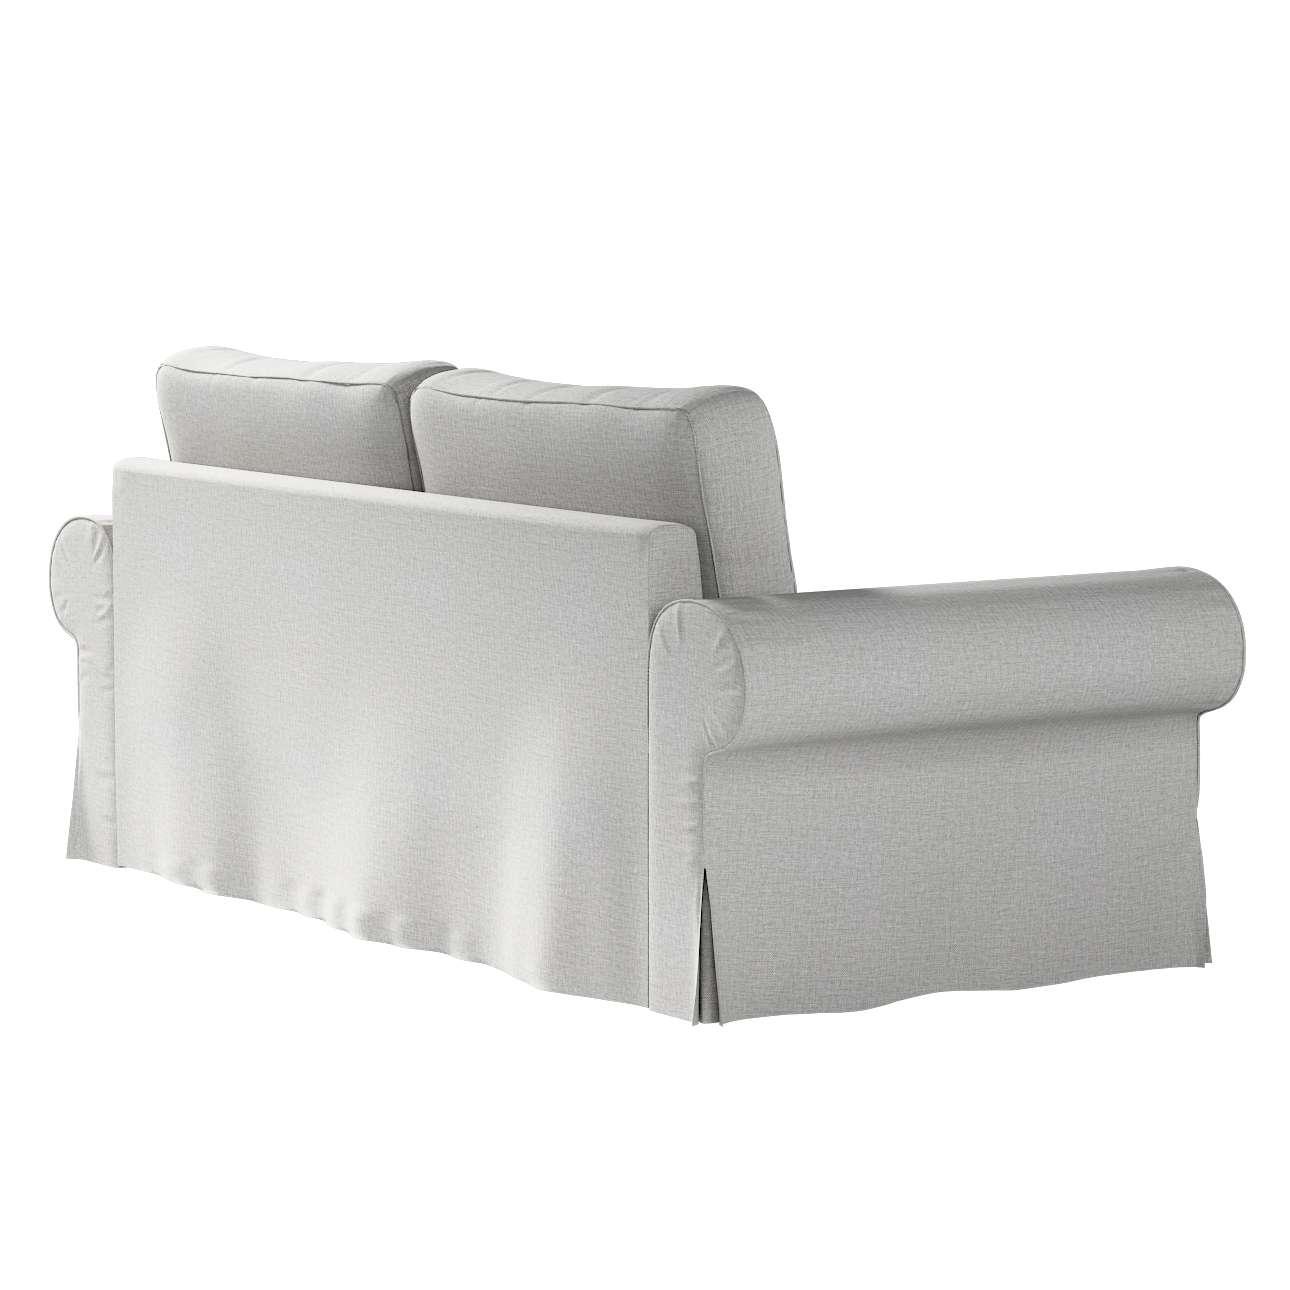 Backabro 3-Sitzer Sofabezug ausklappbar von der Kollektion Living, Stoff: 160-89